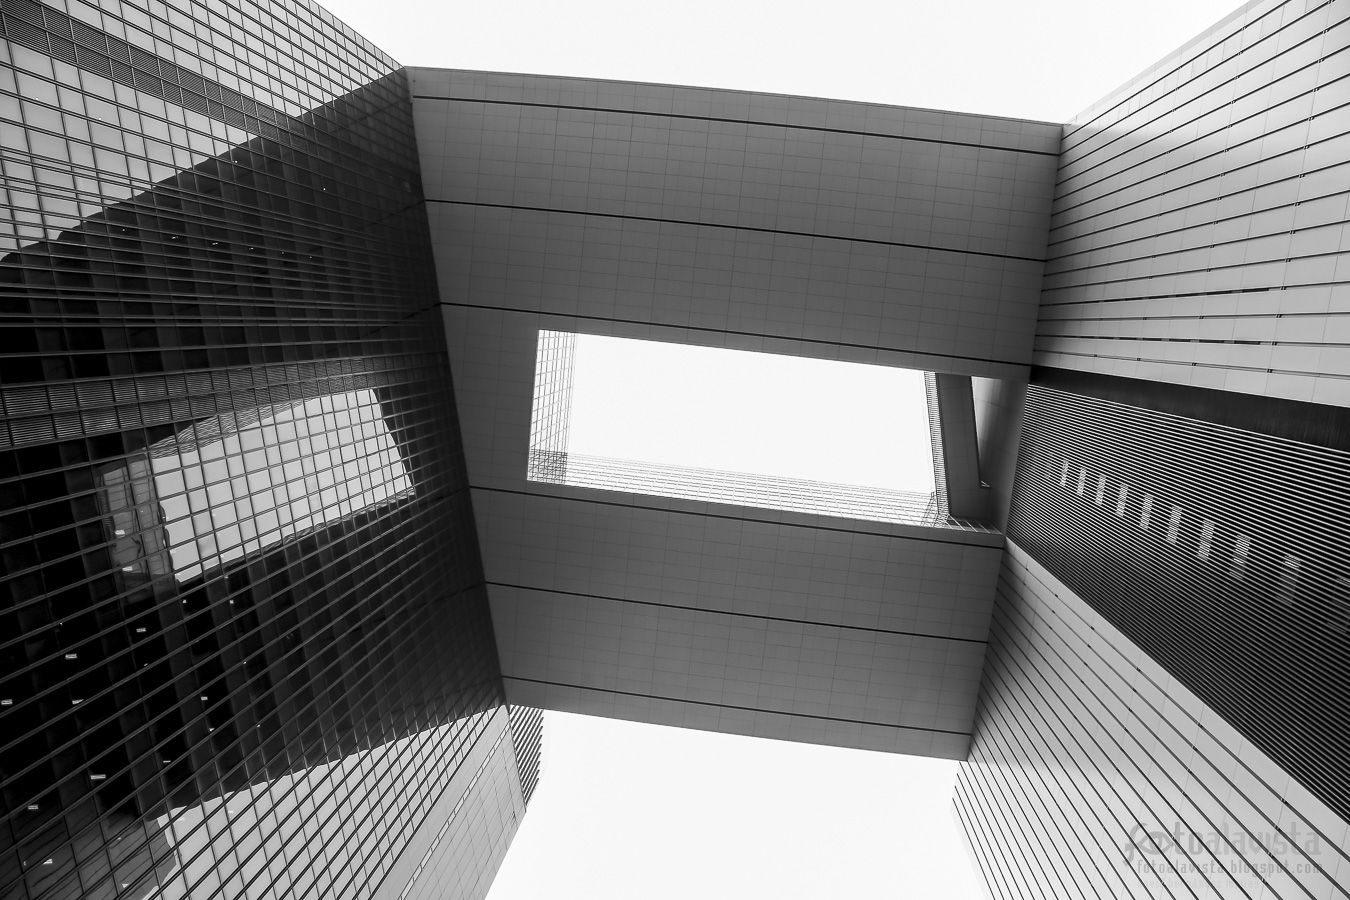 Un espacio abierto hacia el cielo - Fotografía artística